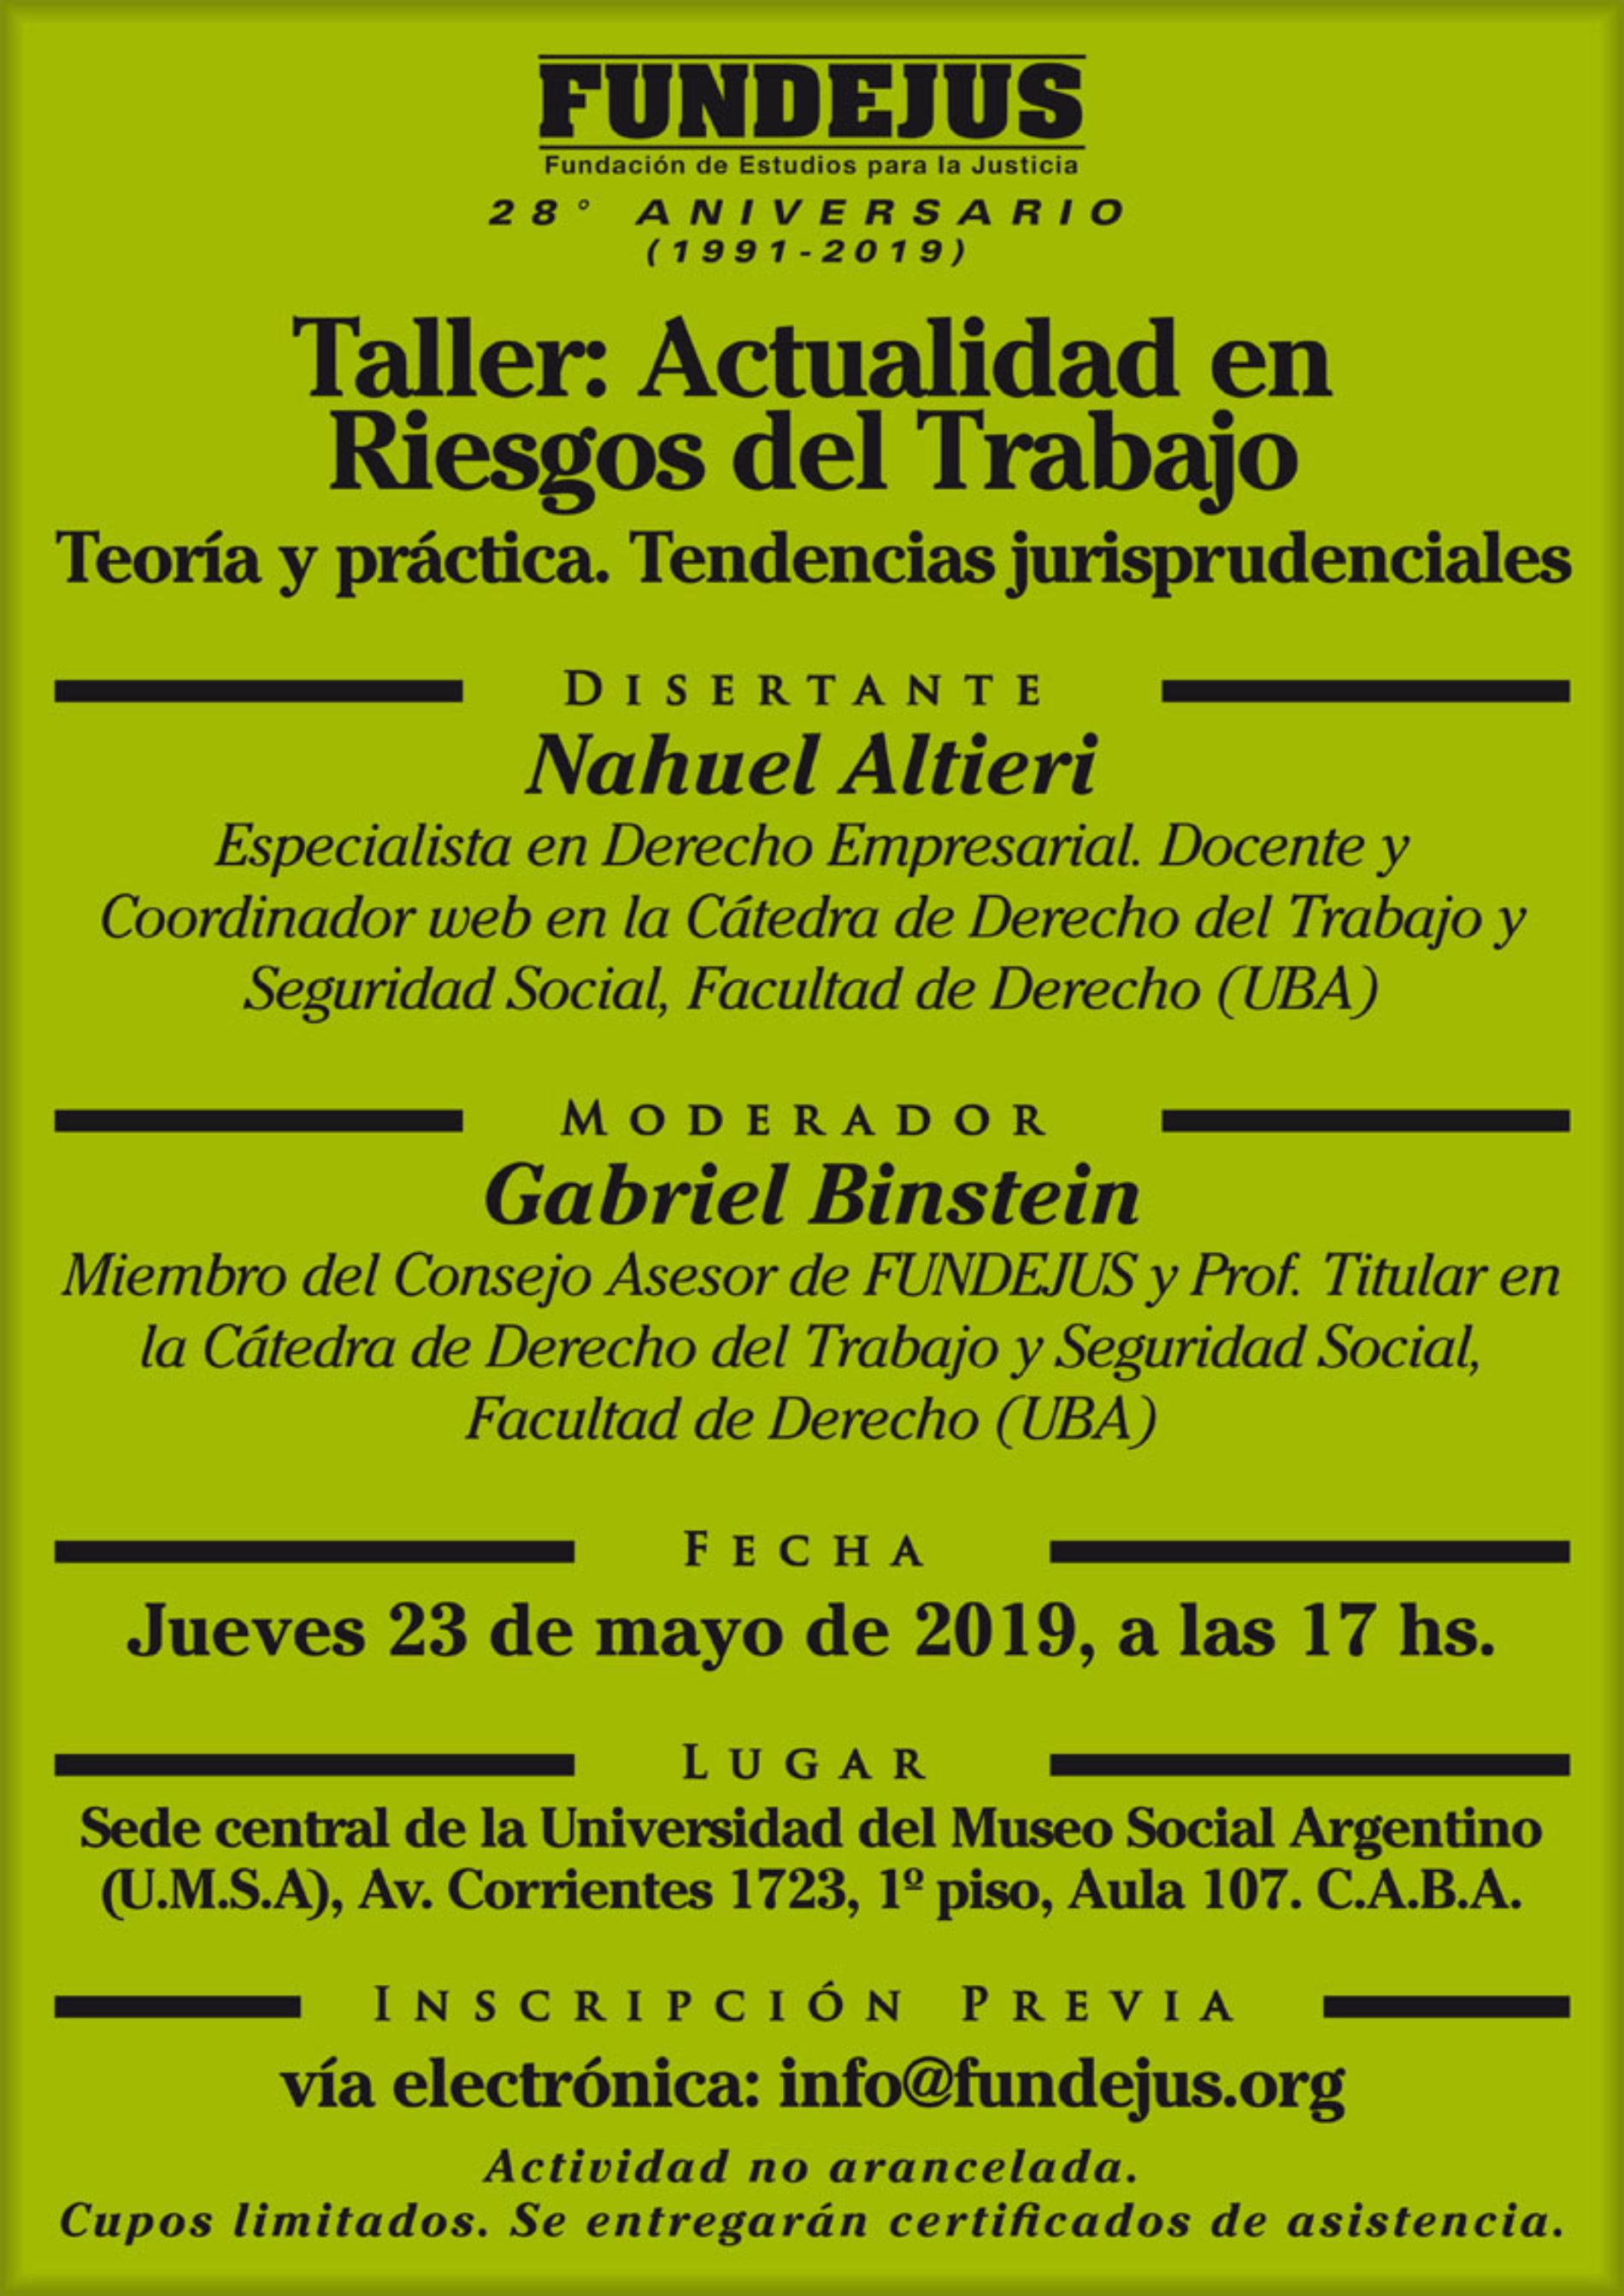 TALLER: ACTUALIDAD EN RIESGOS DEL TRABAJO. Teoría y práctica. Tendencias jurisprudenciales.